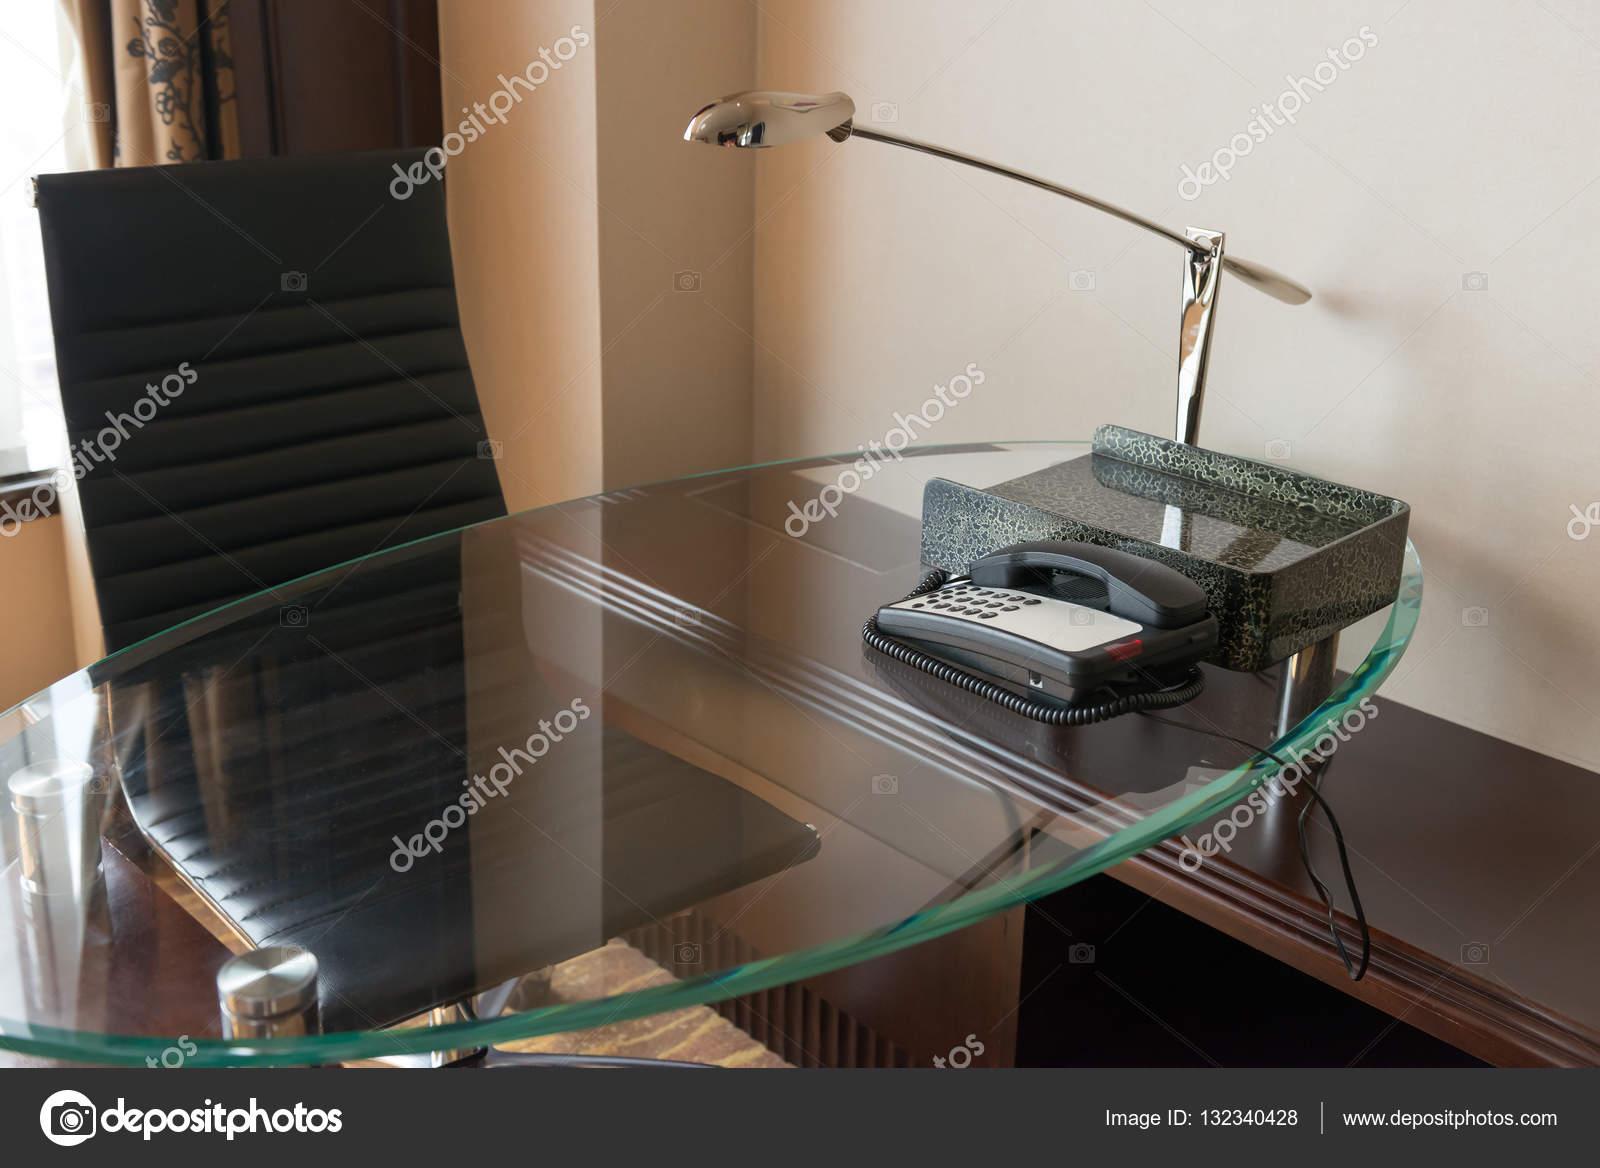 Bureau dans une chambre d hôtel dans la zone de travail